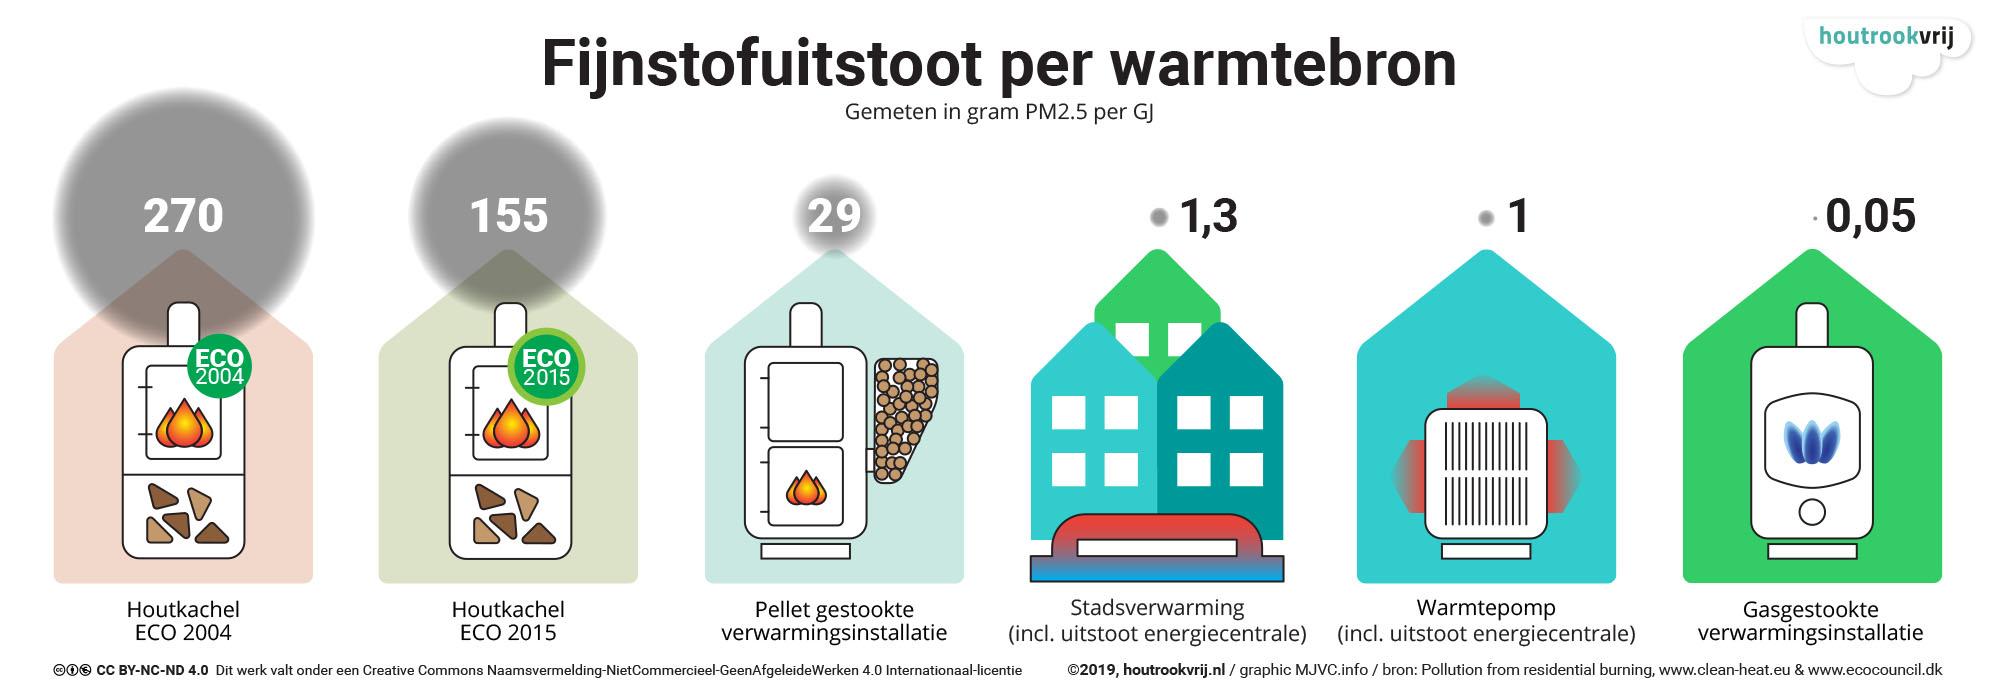 Fijnstofuitstoot per warmtebron (4-0619) 2000x690.jpg